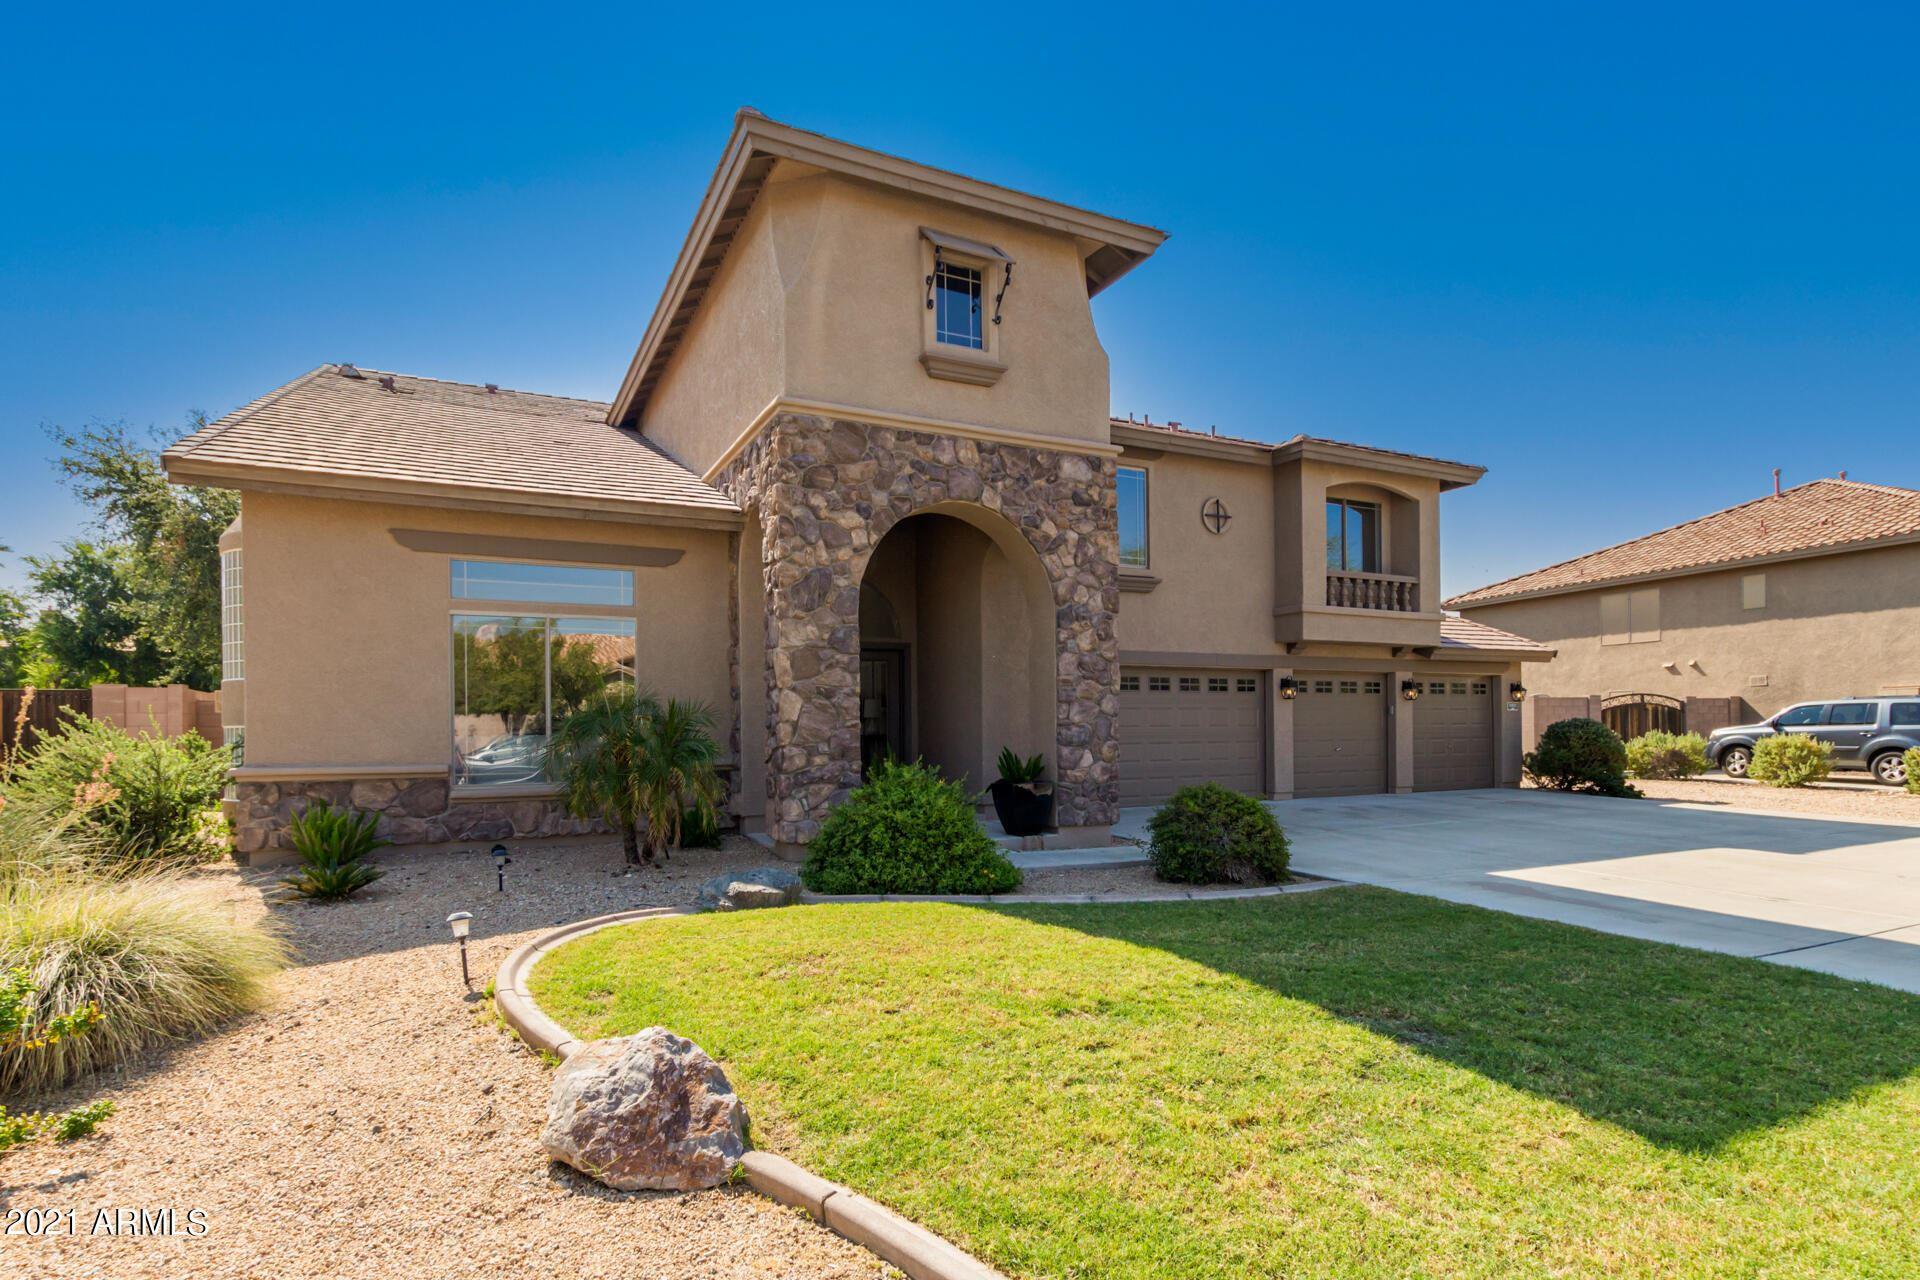 Photo of 9815 W KEYSER Drive, Peoria, AZ 85383 (MLS # 6296595)